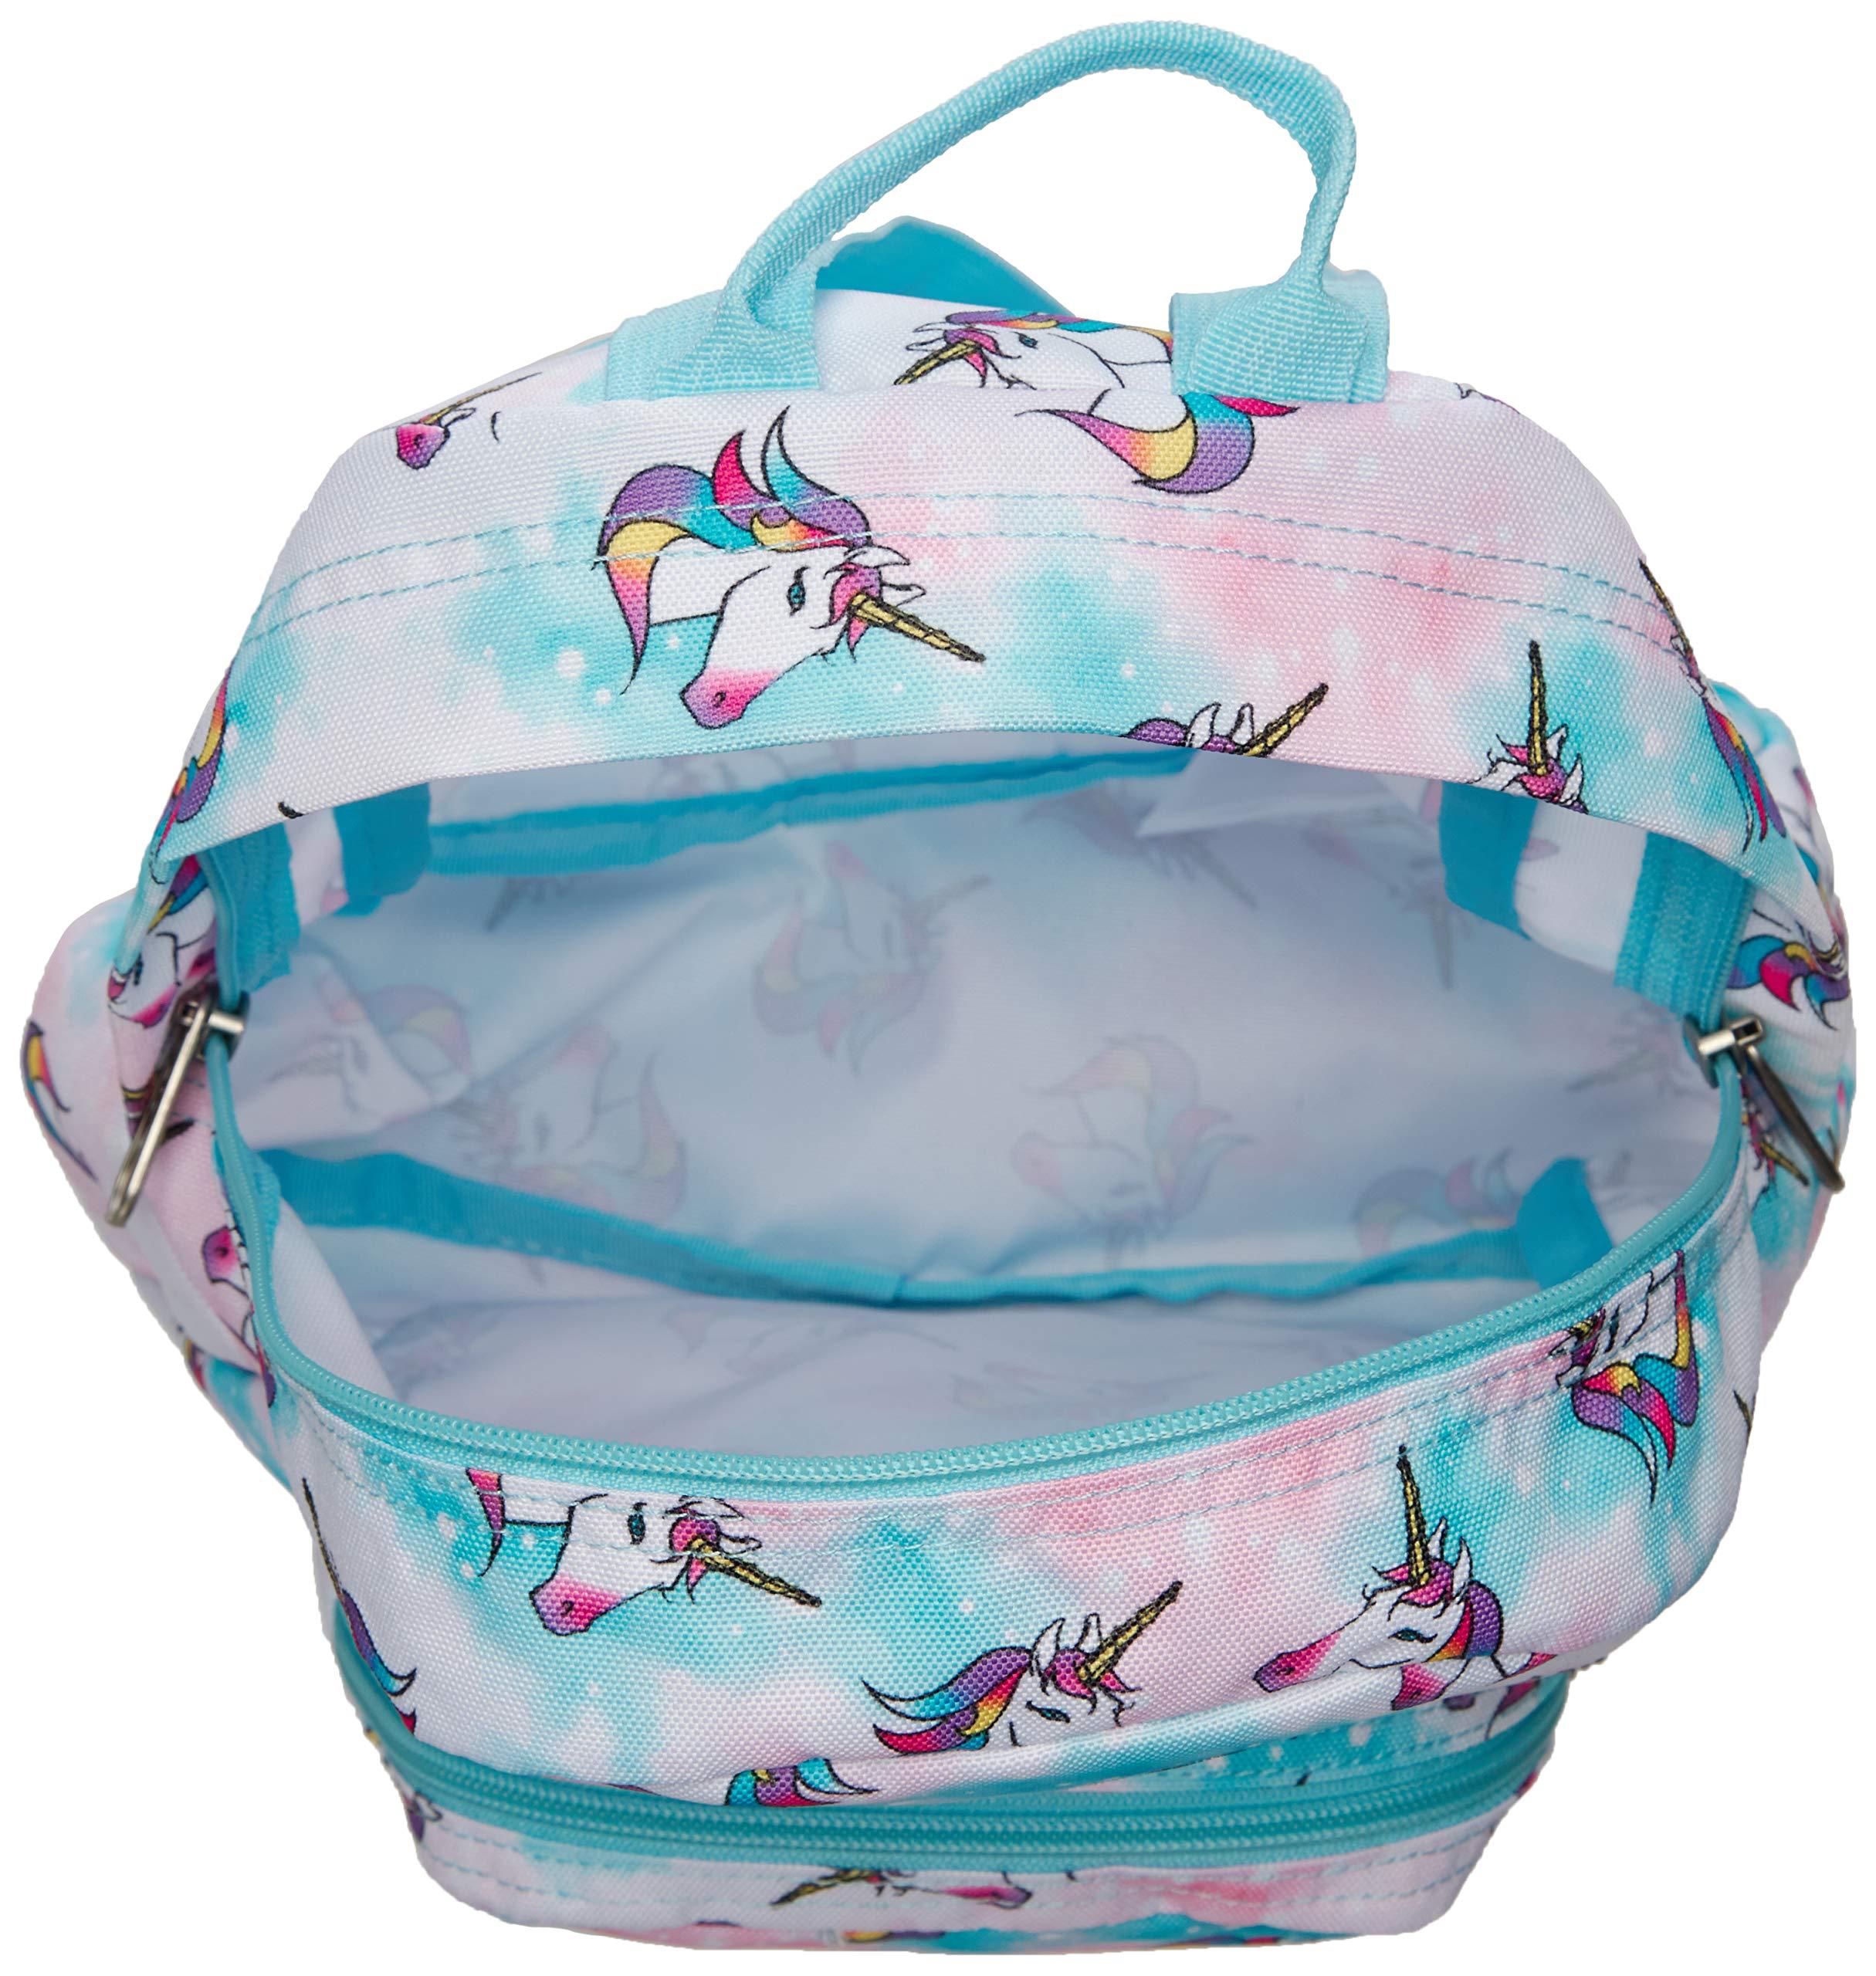 JanSport Half Pint Backpack 6